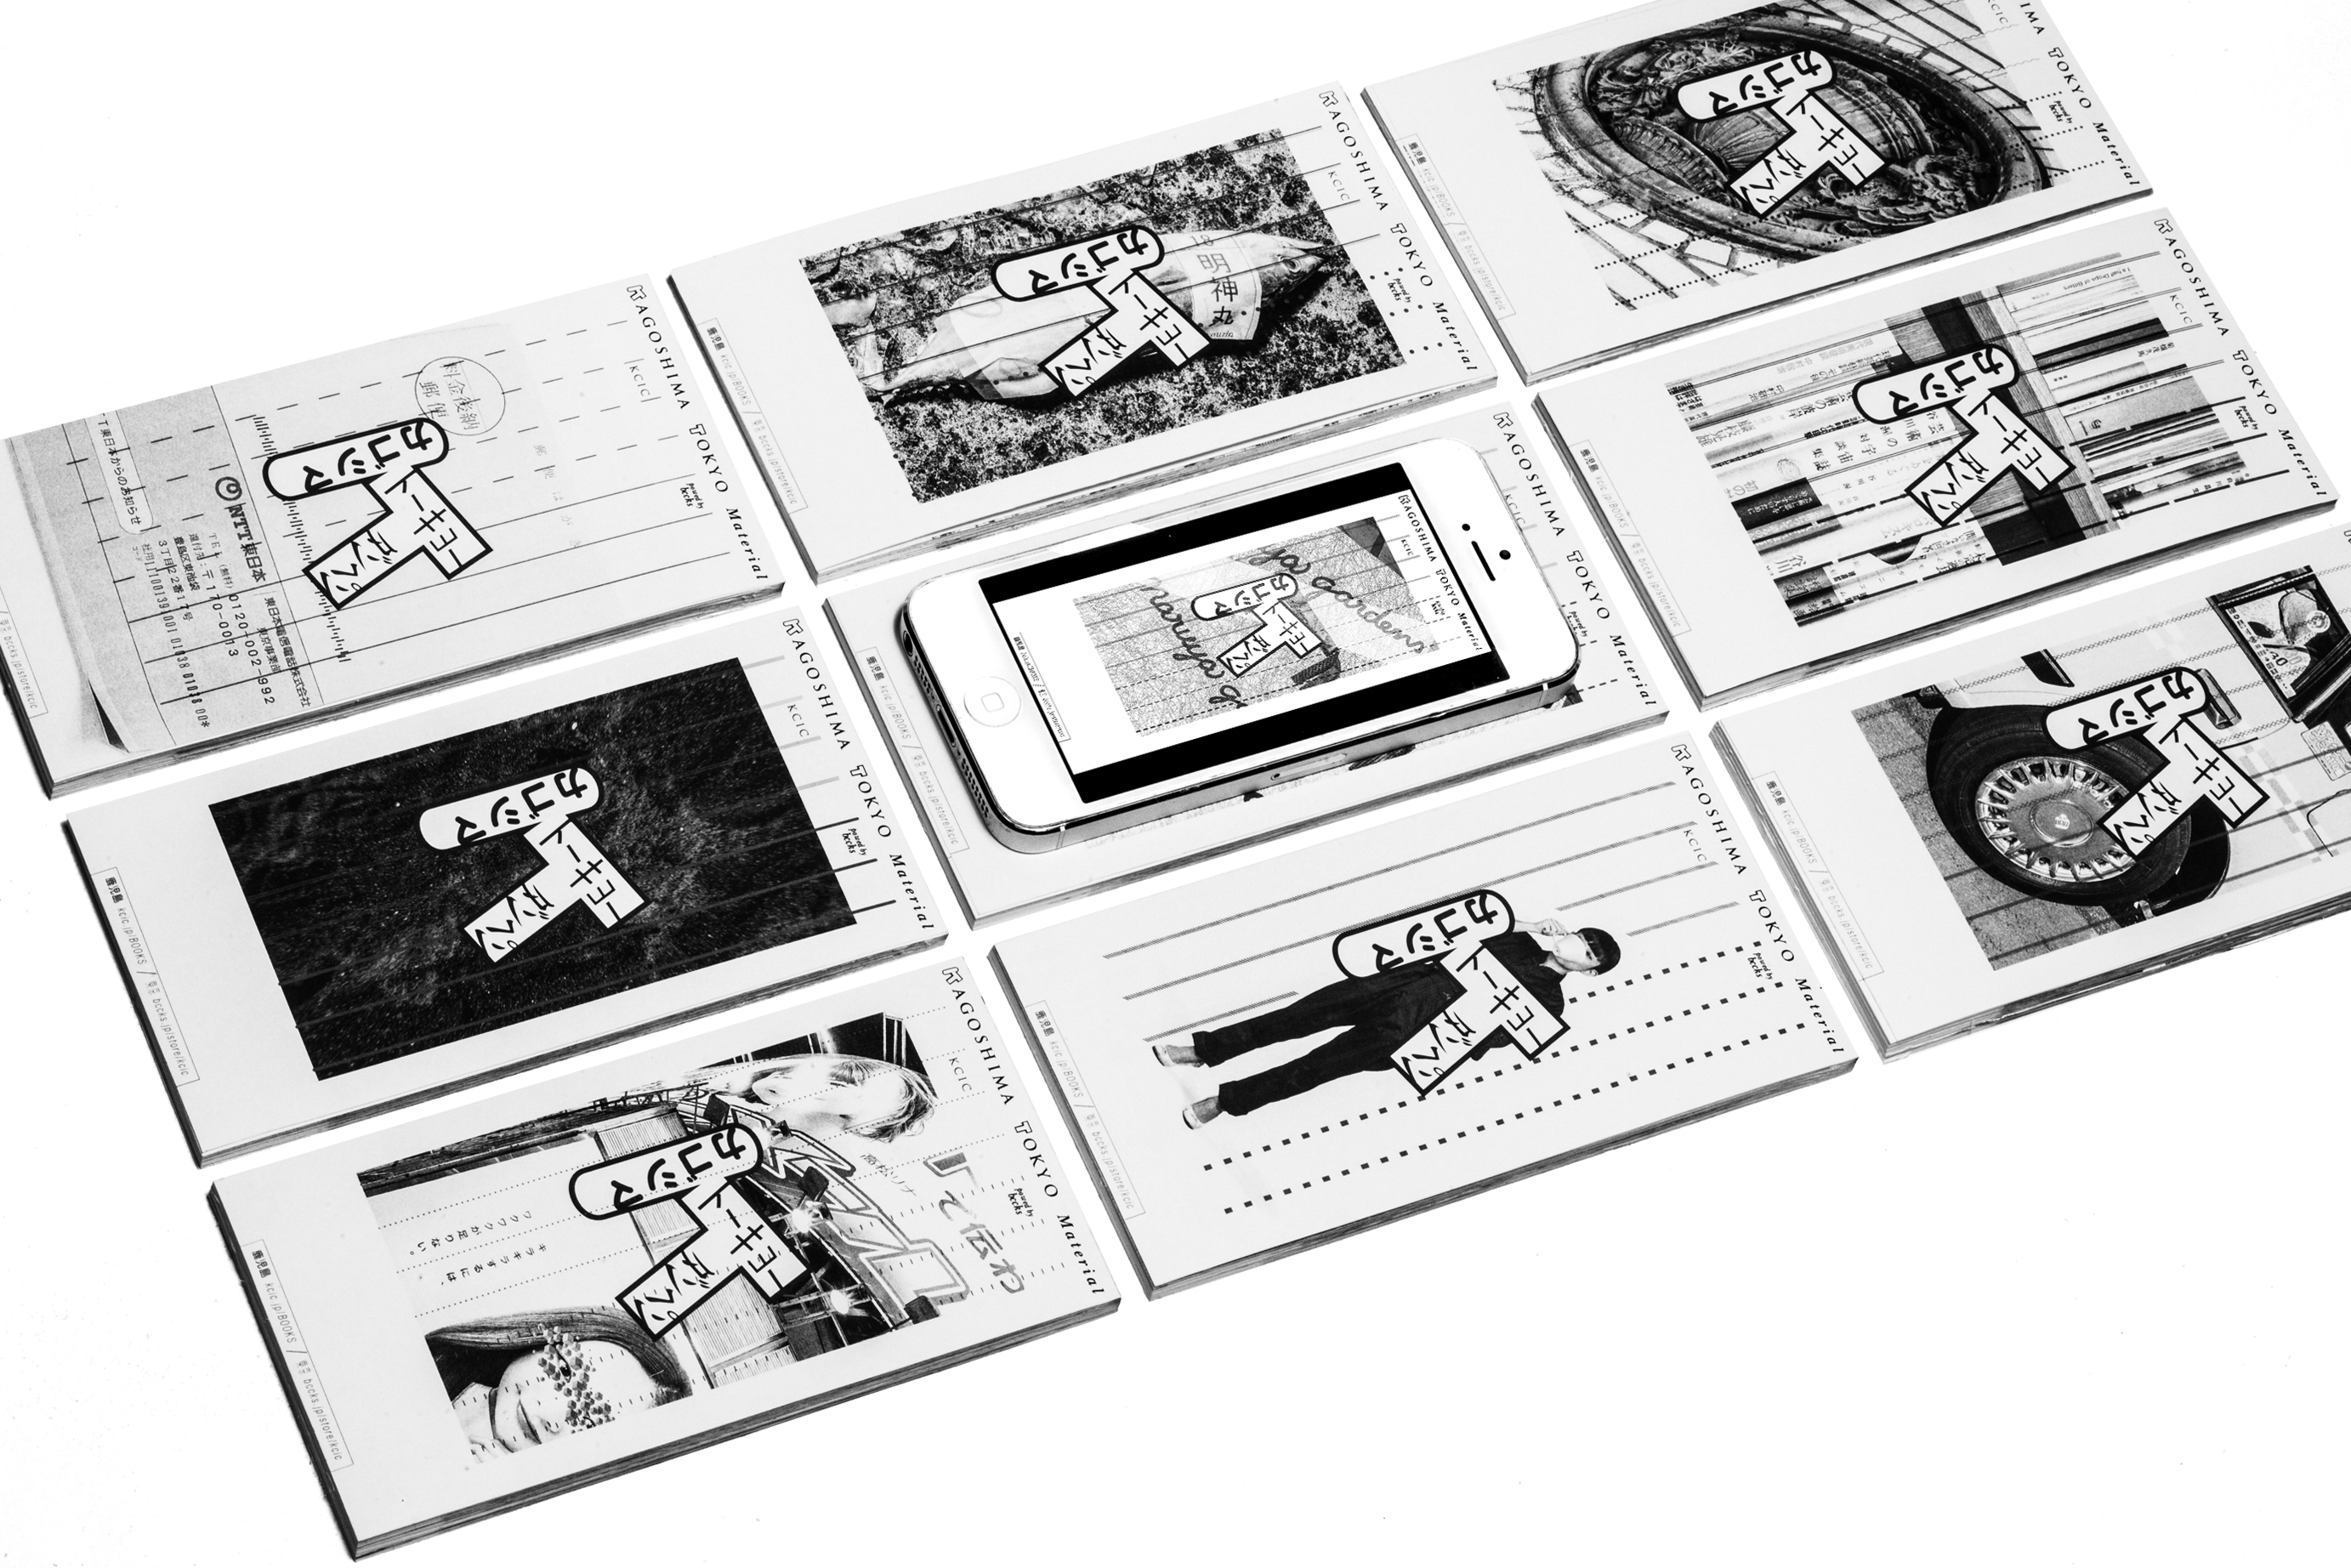 【公開中】KCIC BOOKS アーティストシリーズ 『カゴシマ トーキョー 断片』松本弦人+KCIC 著